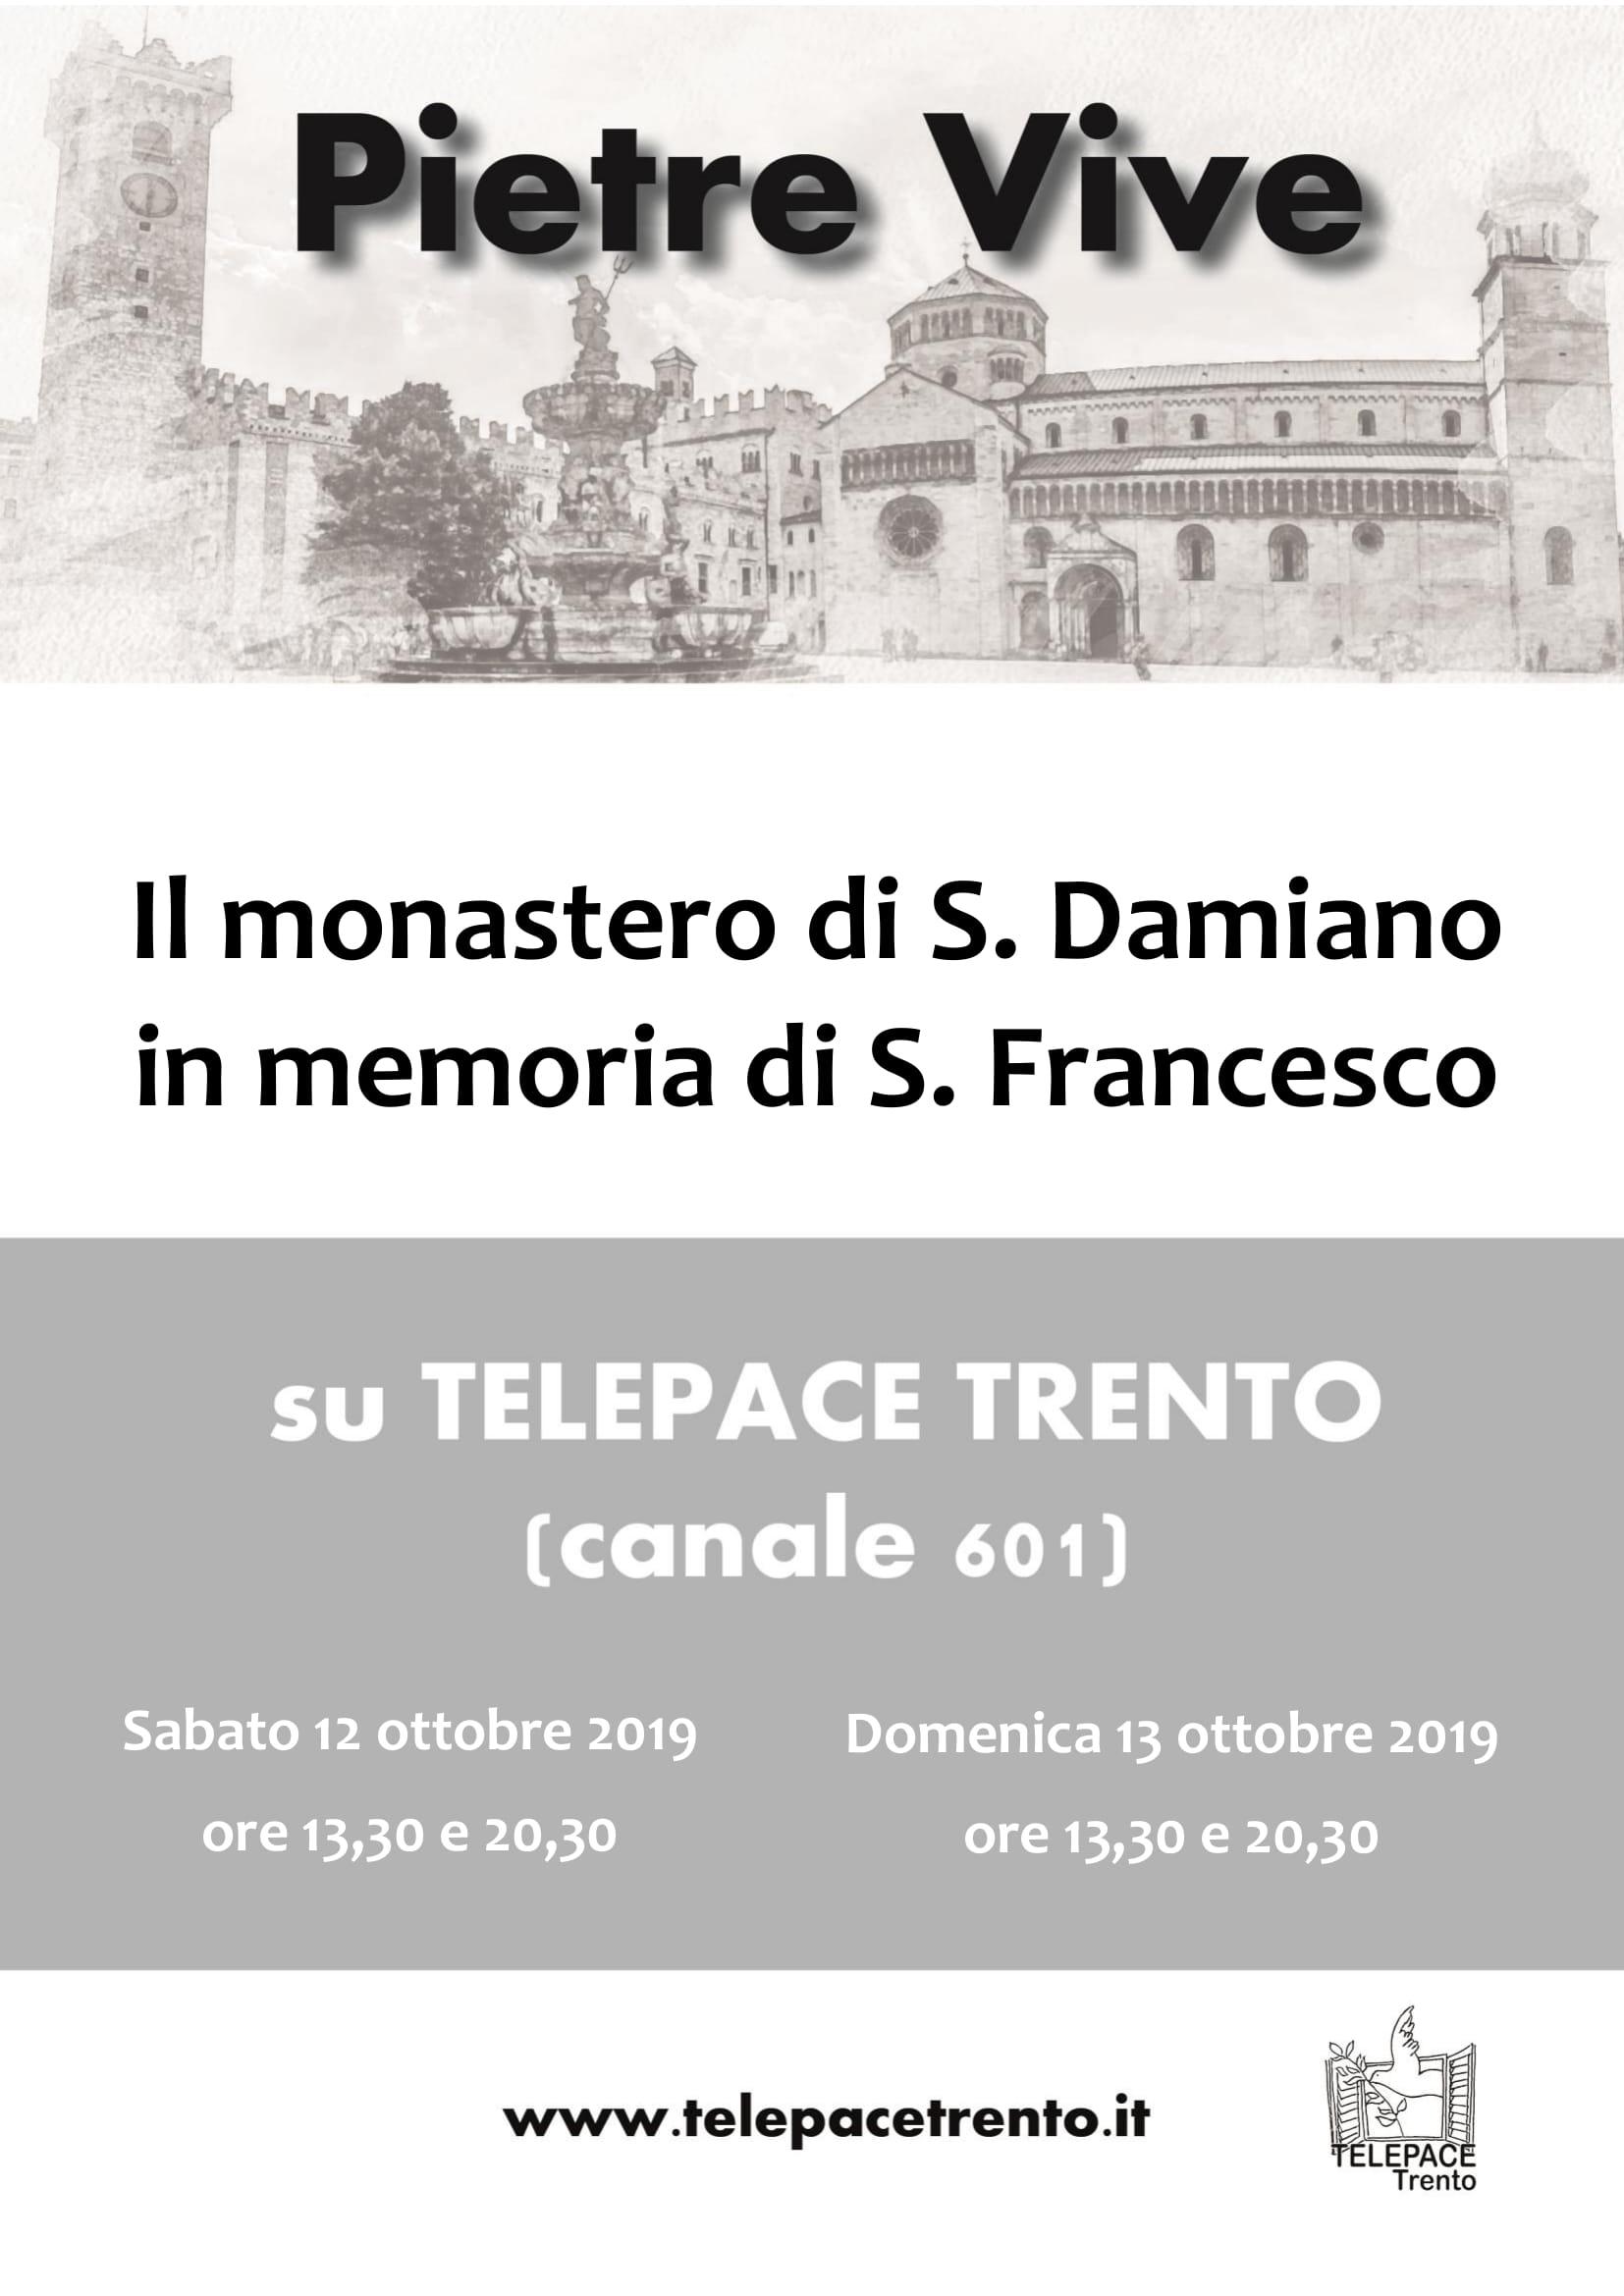 Il monastero di S. Damiano in memoria di S. Francesco-1